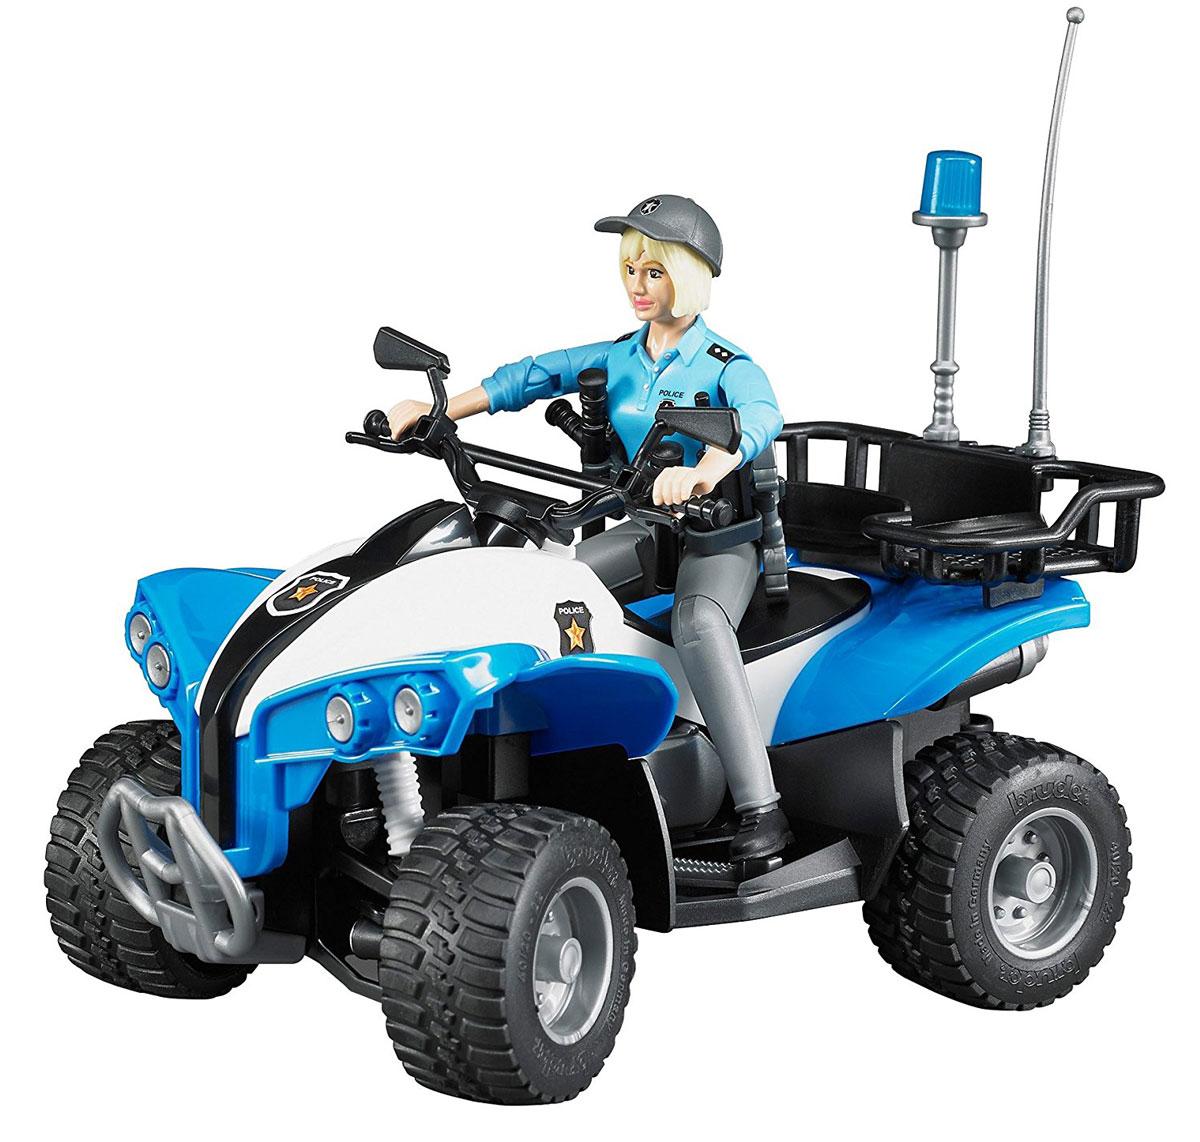 Bruder Полицейский квадроцикл с фигуркой набор знаков дорожных работ bruder с фигуркой рабочего 62 000